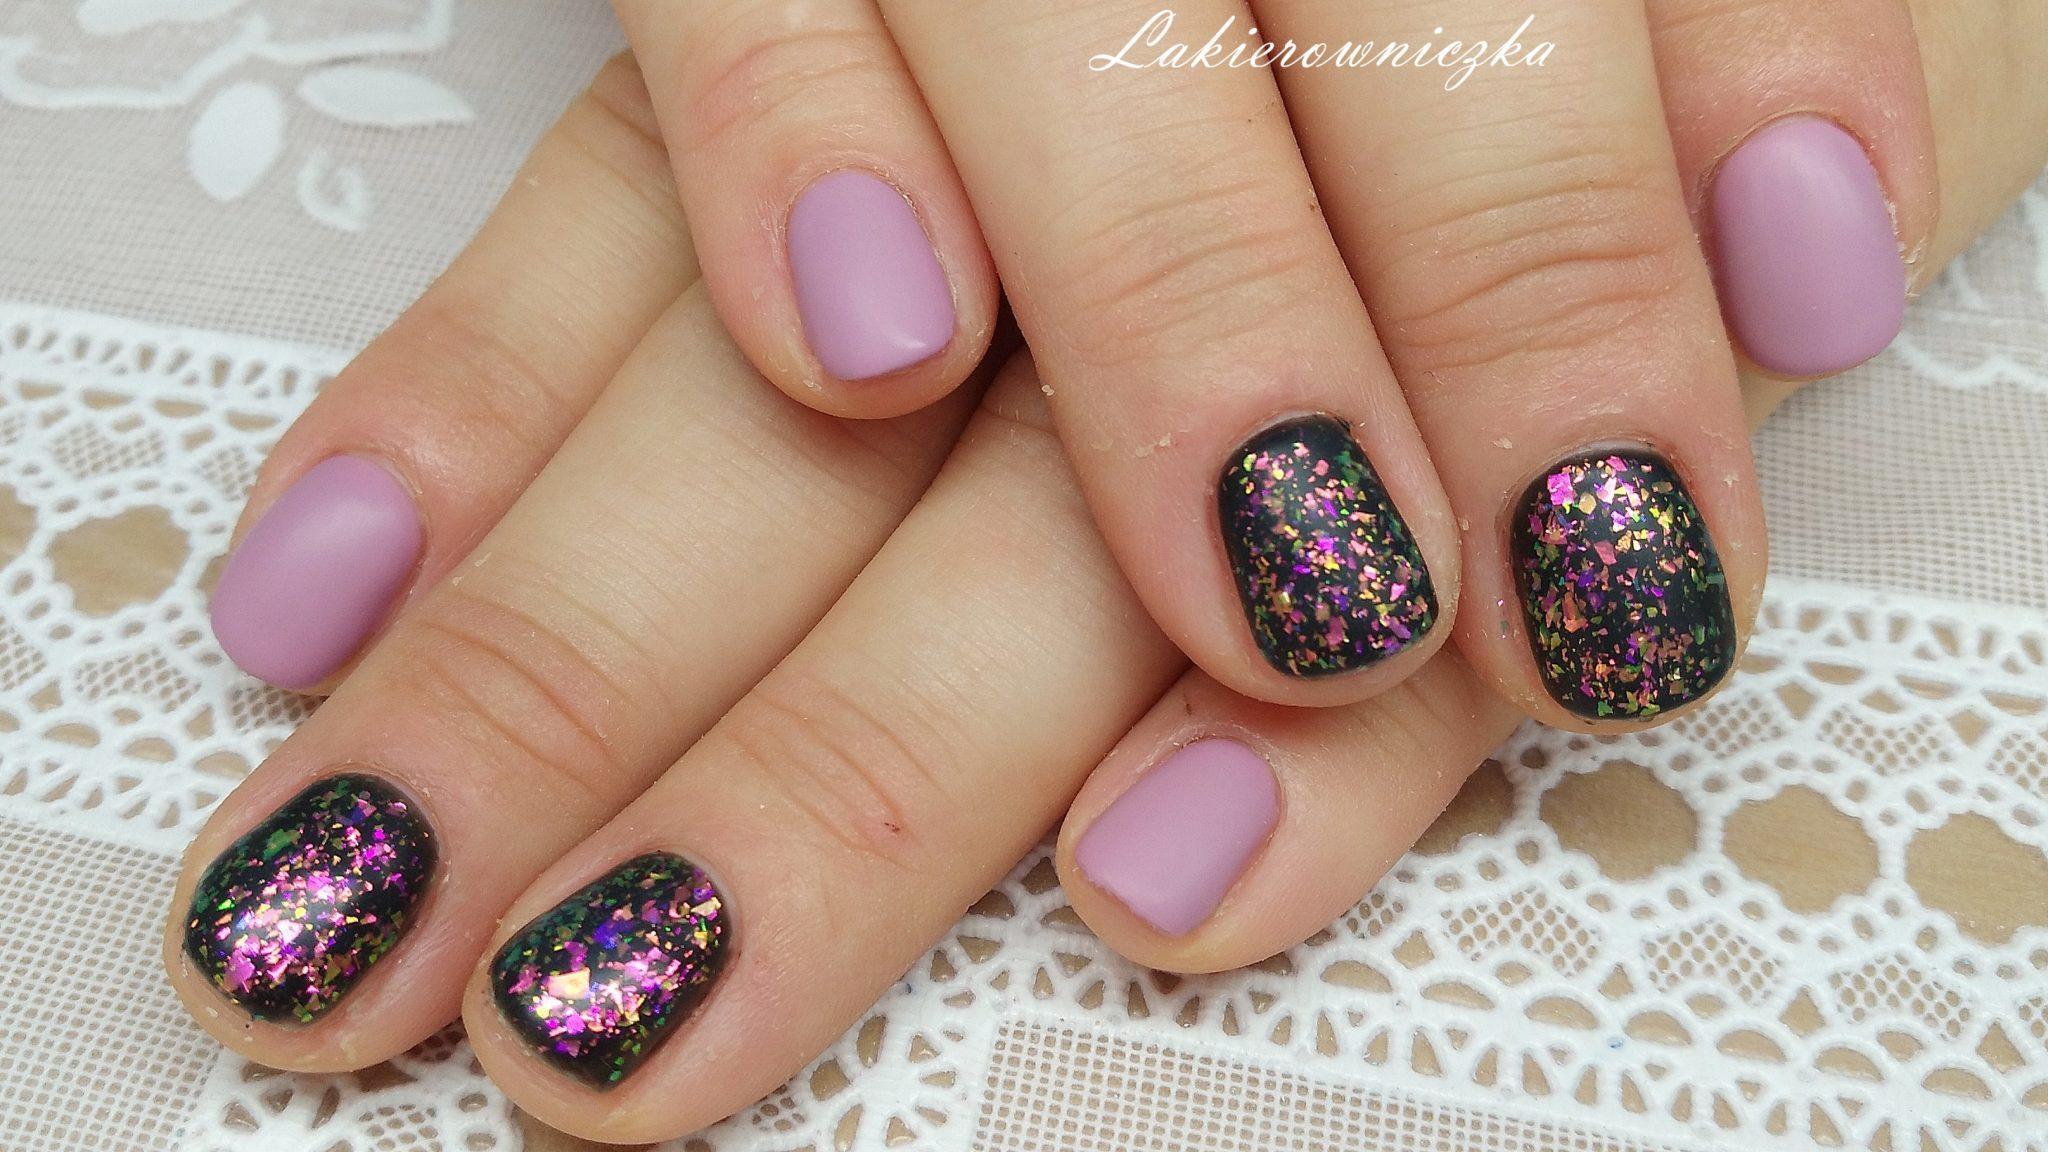 paznokcie-hybrydowe-hybrydy-rozowo-fioletowe-blyszczace- błyszczące paznokcie